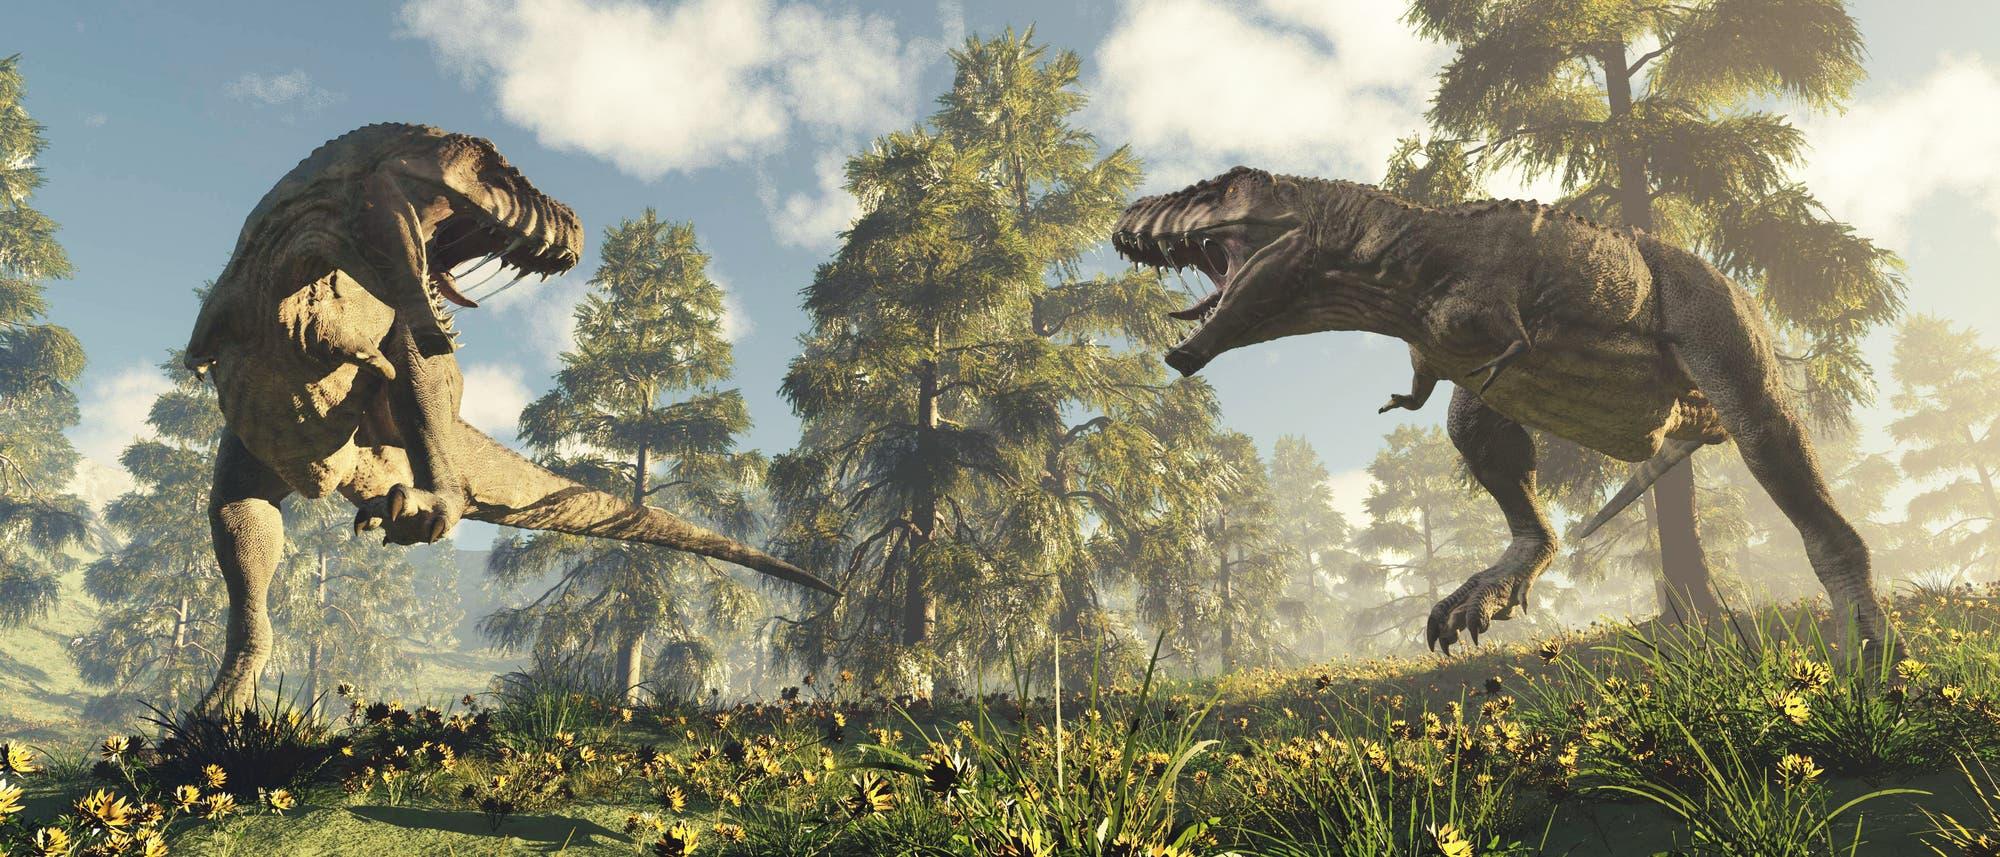 Zwei Tyrannosaurier beim Kämpfen.